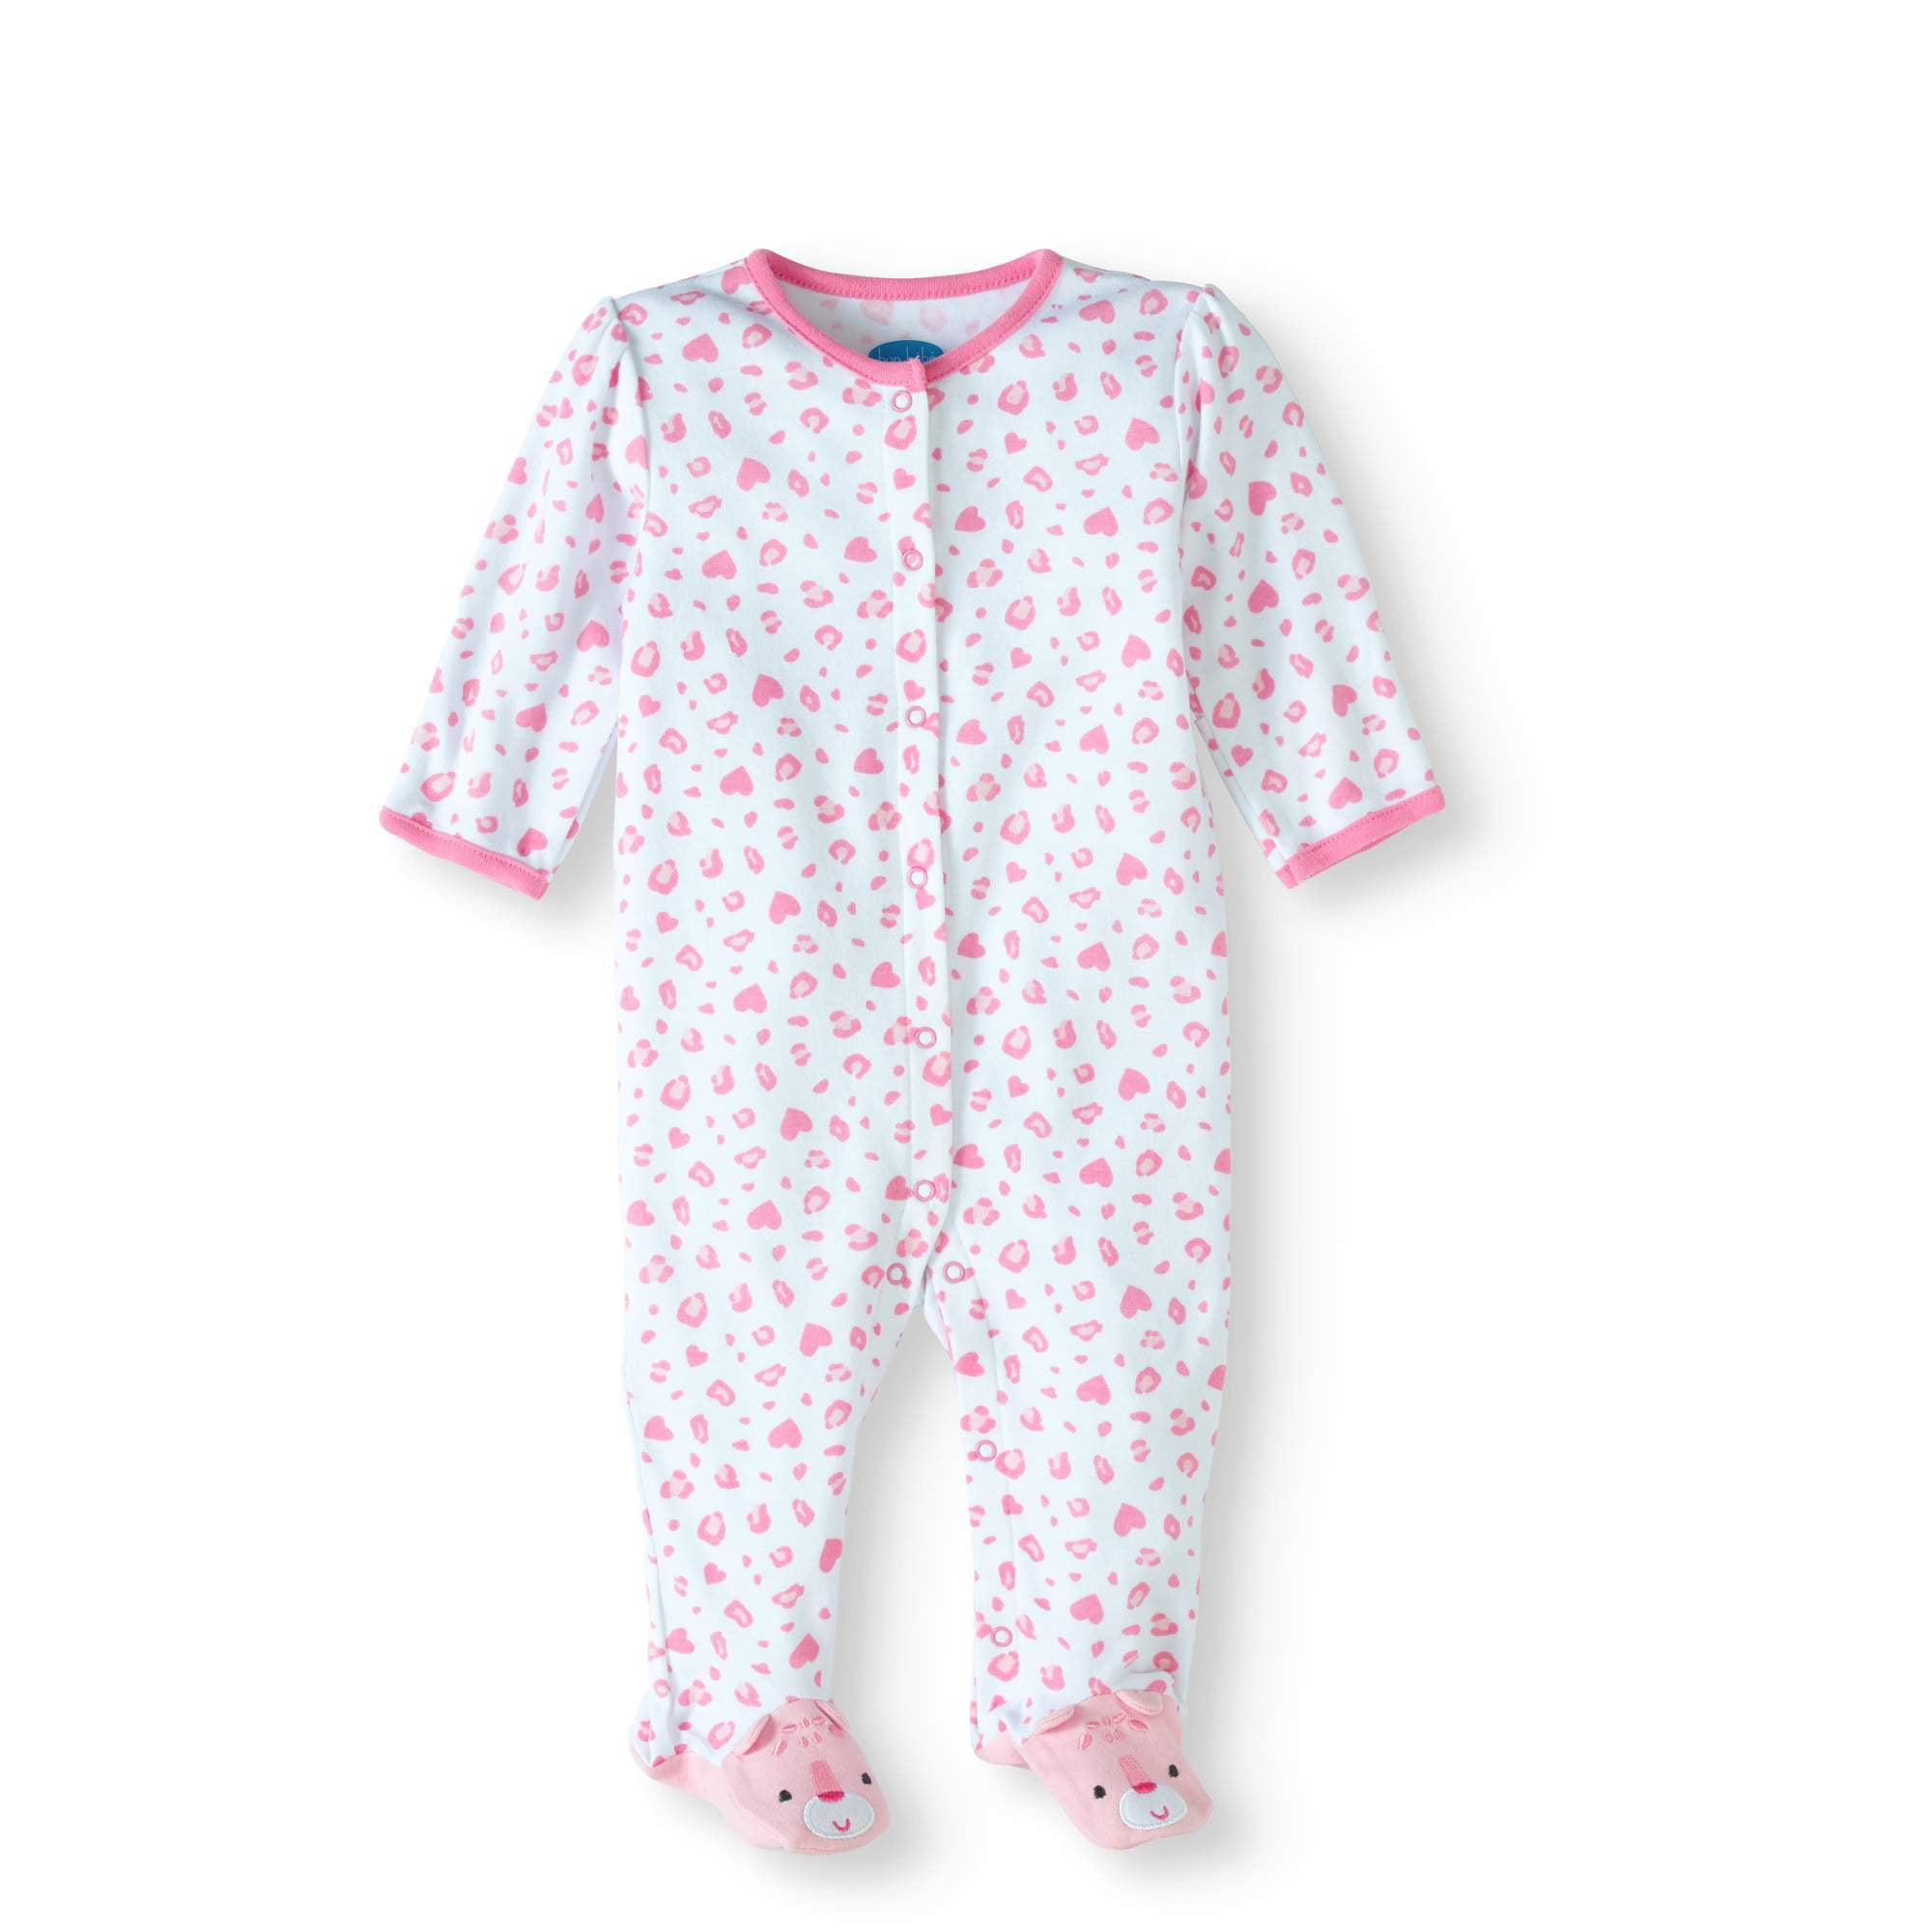 Bon Bebe Newborn Baby Girl Footed Sleep N Play With